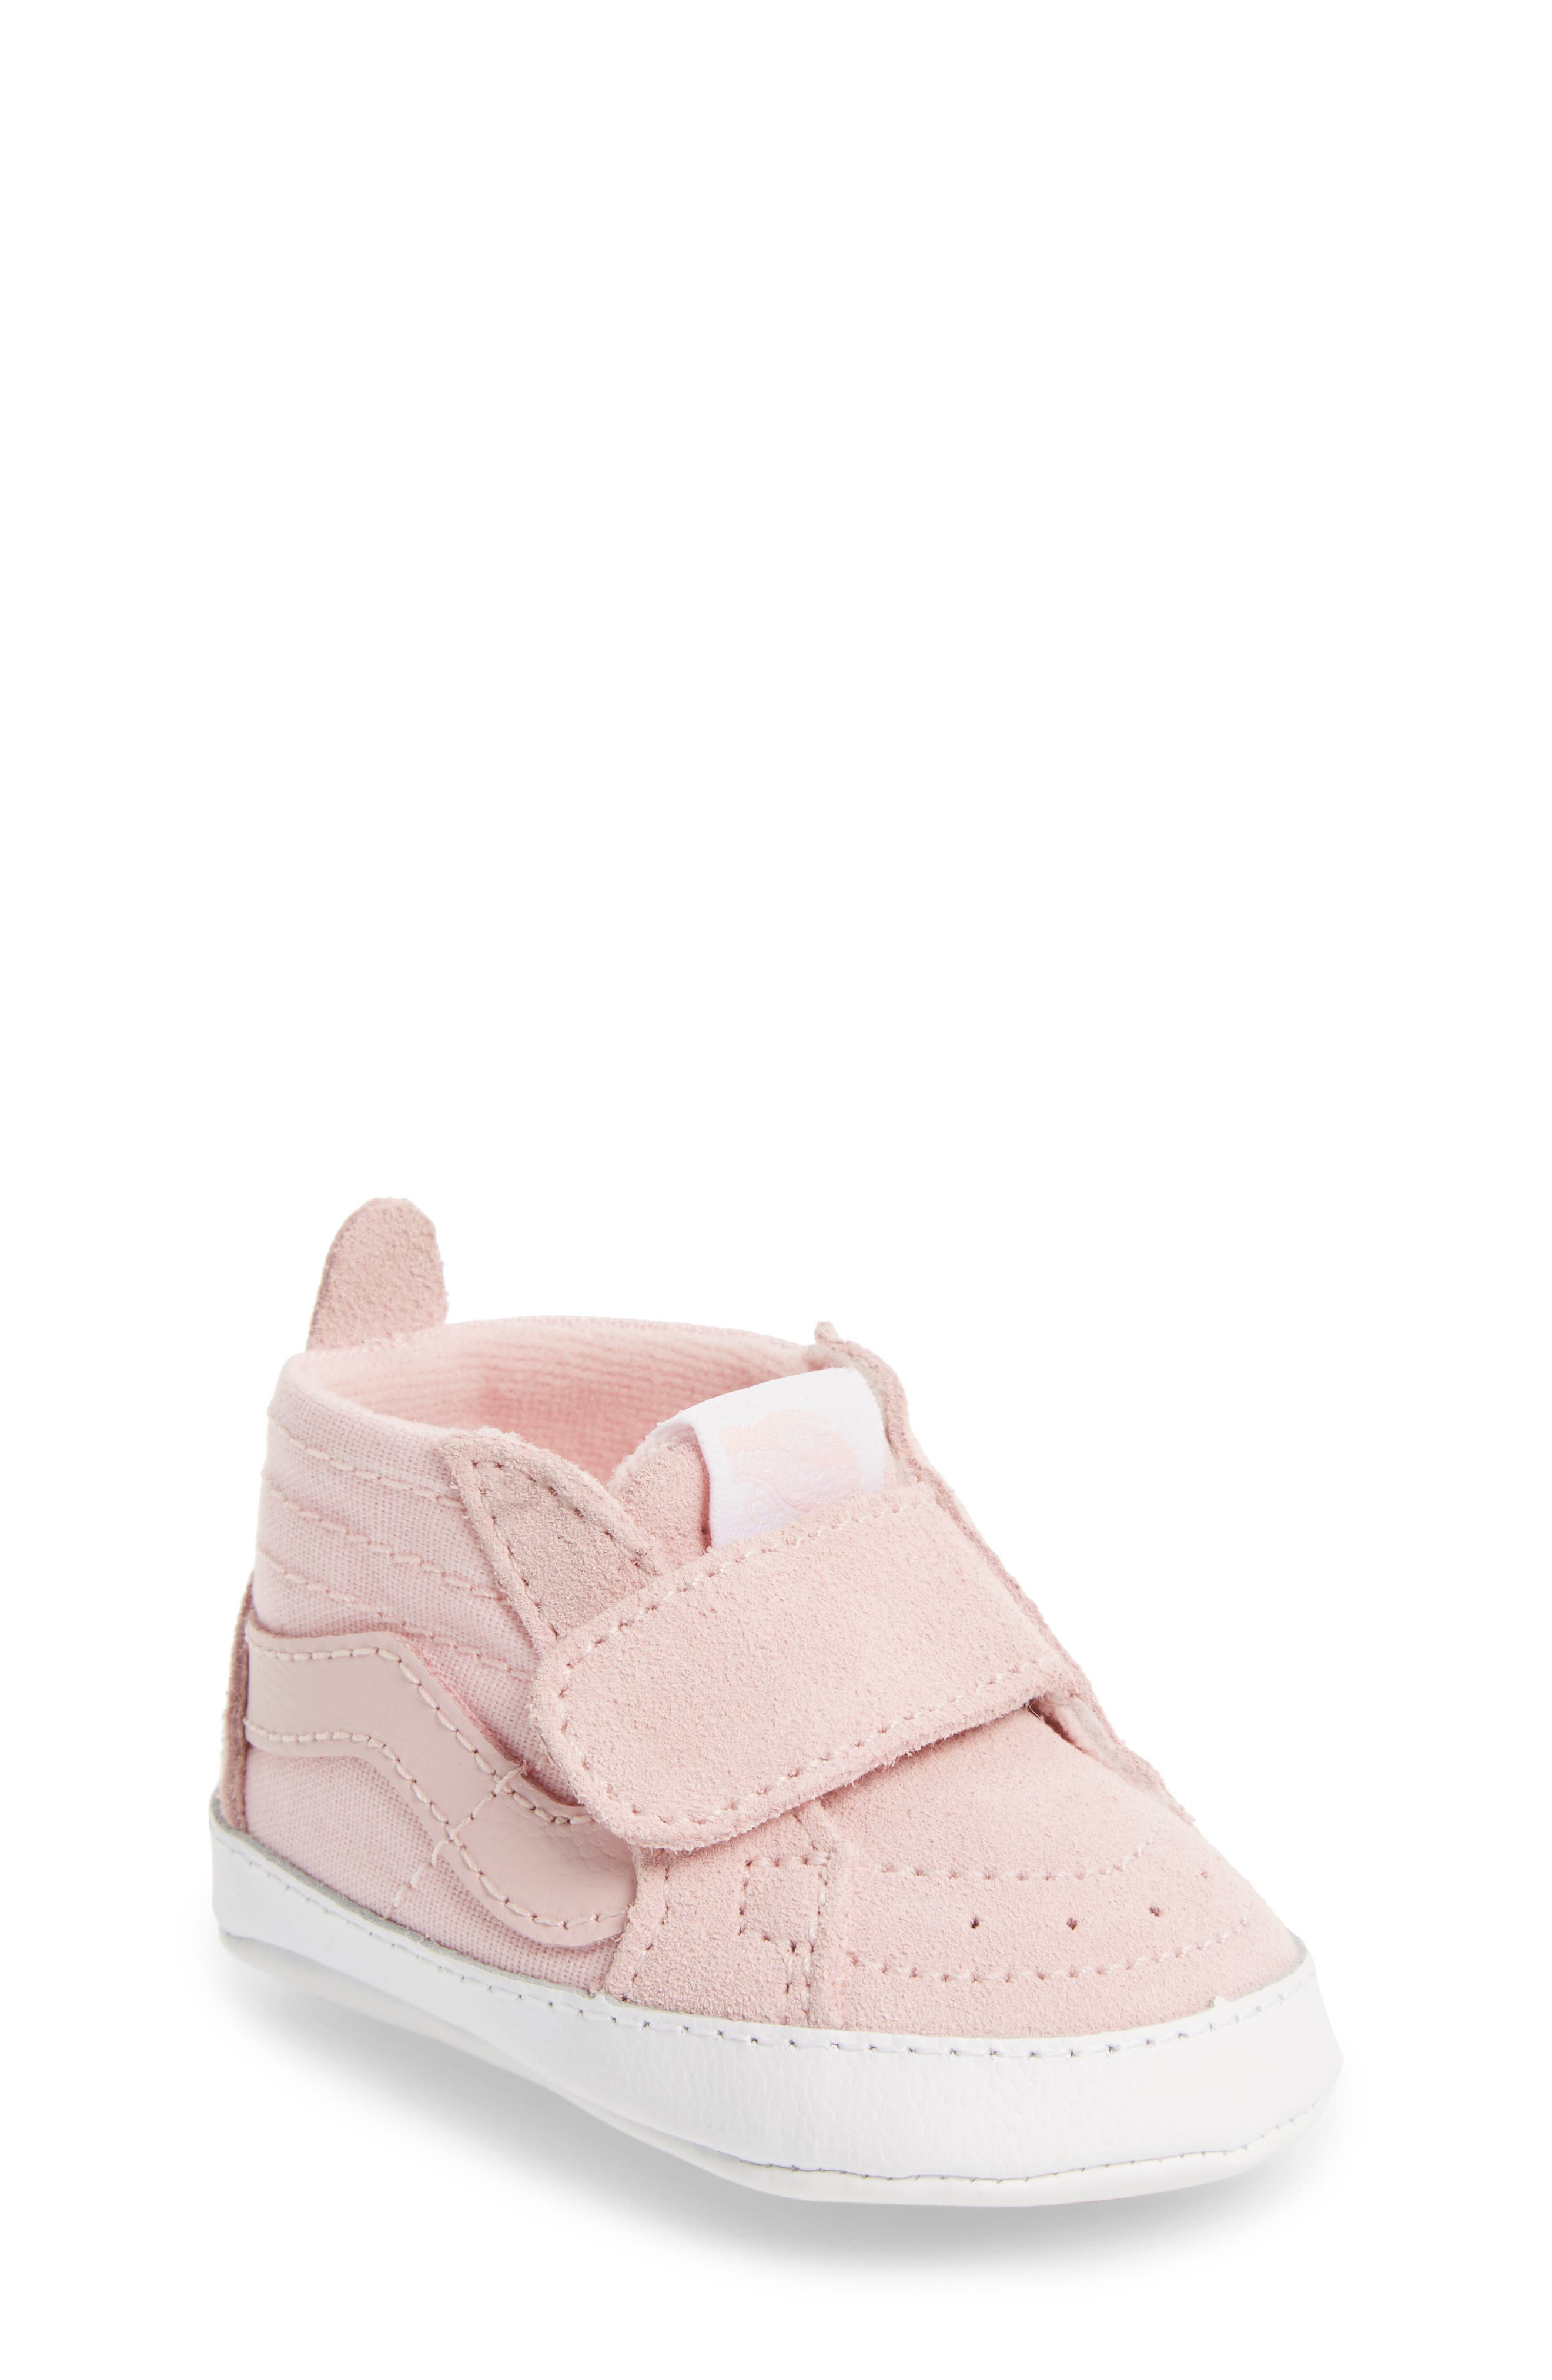 SK8-Hi Crib Sneaker,                         Main,                         color,